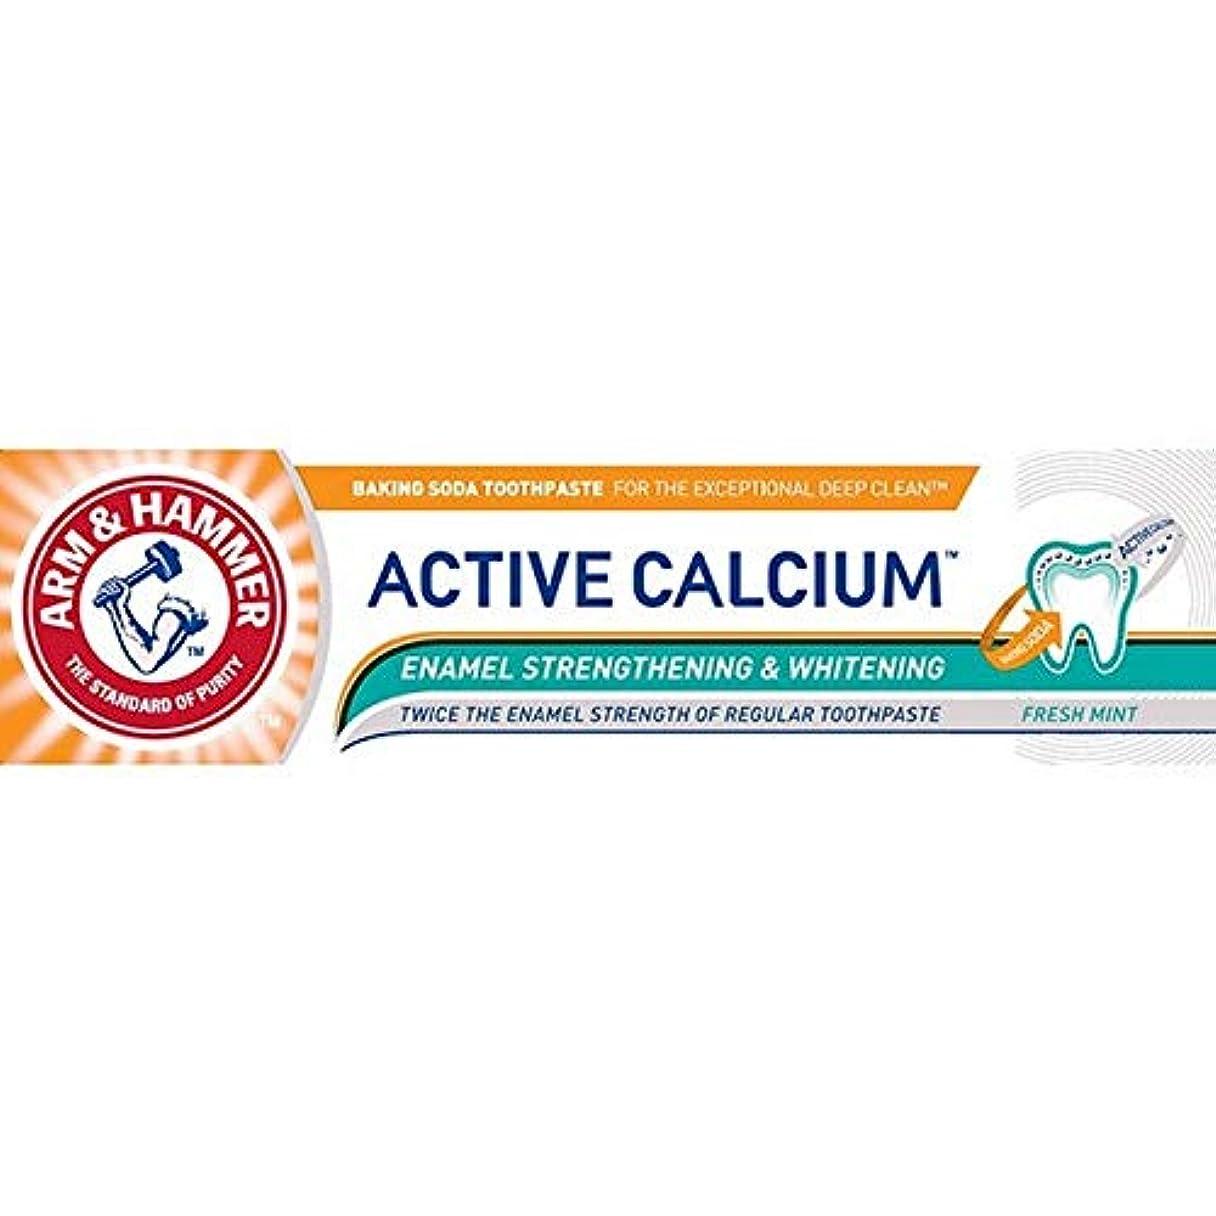 立方体カルシウム独裁[Arm & Hammer ] アーム&ハンマーアクティブカルシウムの75ミリリットル - Arm & Hammer Active Calcium 75ml [並行輸入品]